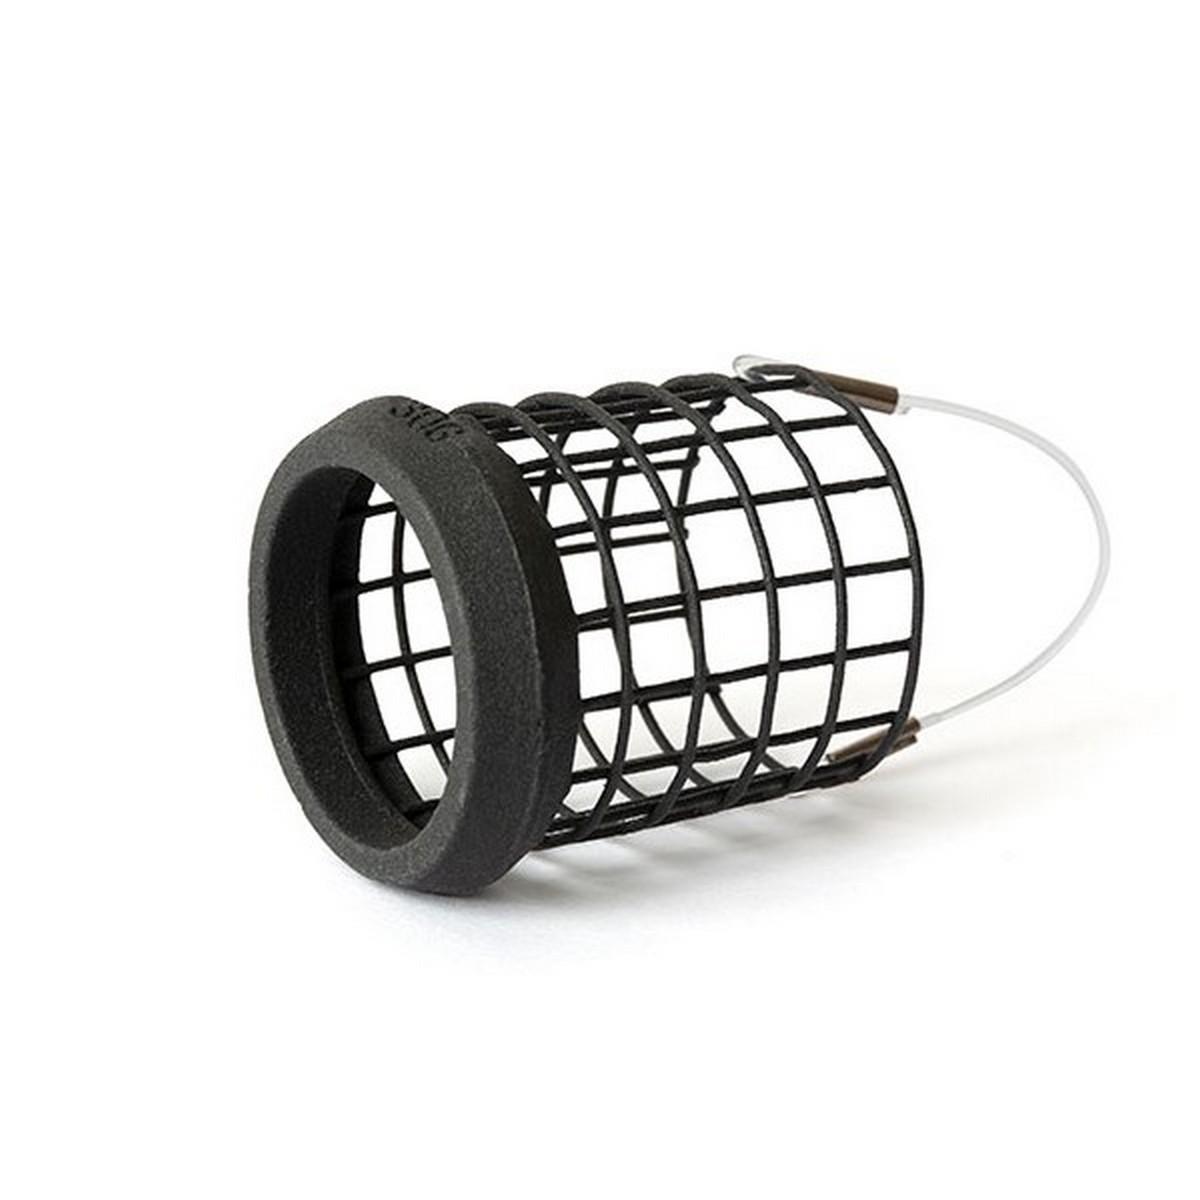 Matrix Bottom Weighted Cage Feeder 30gr